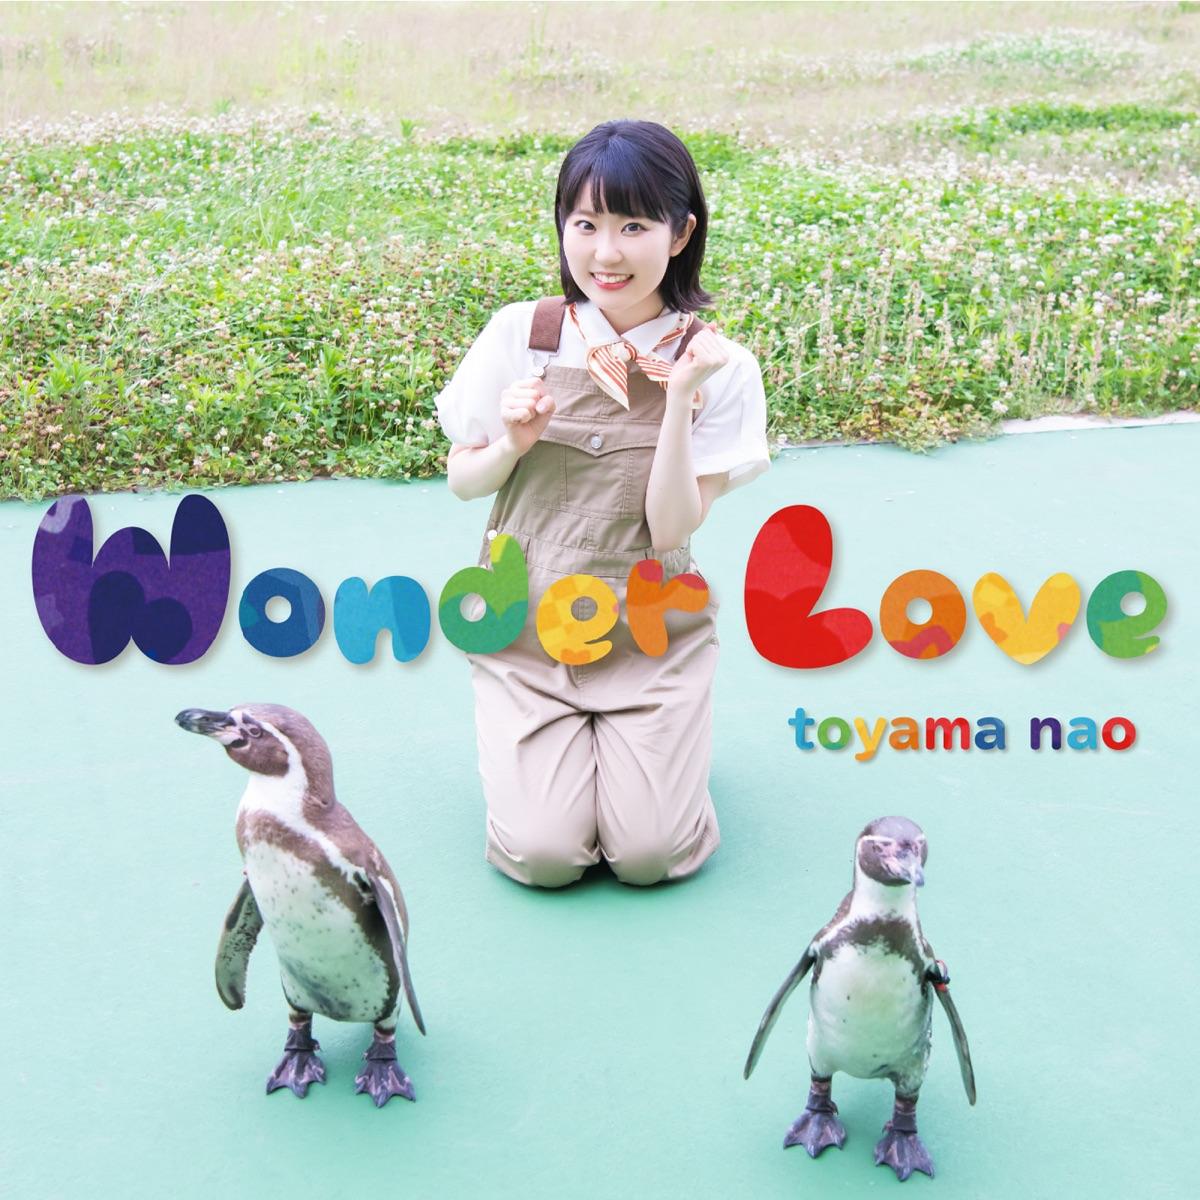 『東山奈央 Wonder Love 歌詞』収録の『Wonder Love』ジャケット